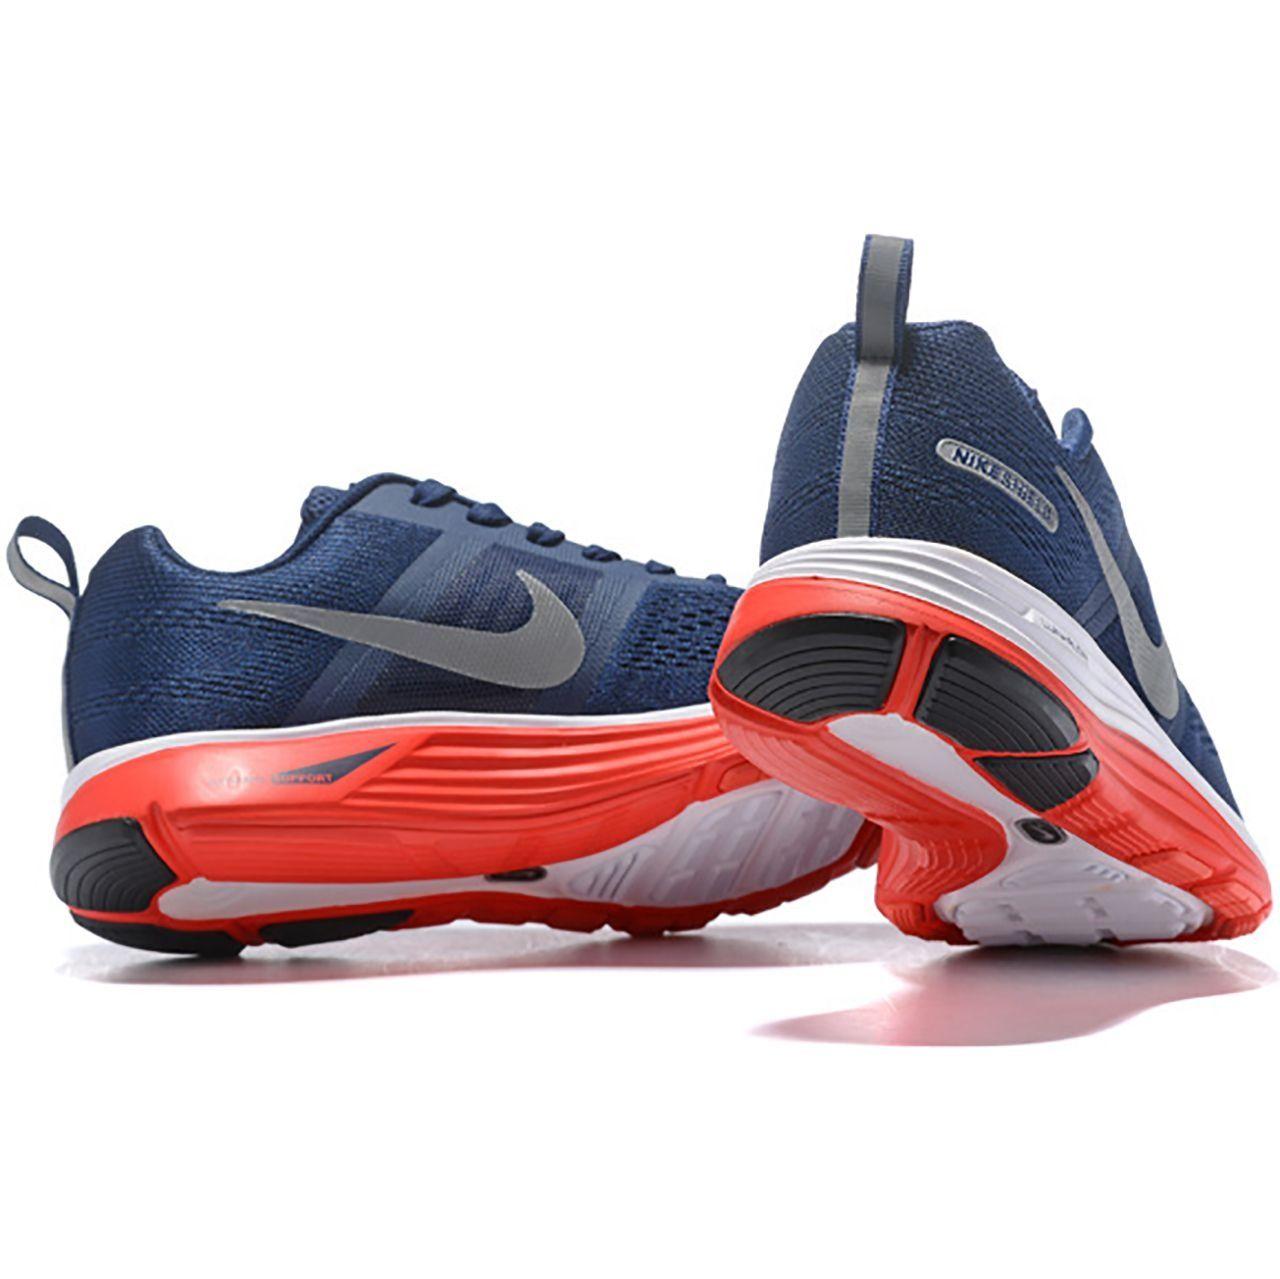 کفش مخصوص پیاده روی مردانه نایکی مدل Air Pegasus 30X Navy 803268-004  main 1 4